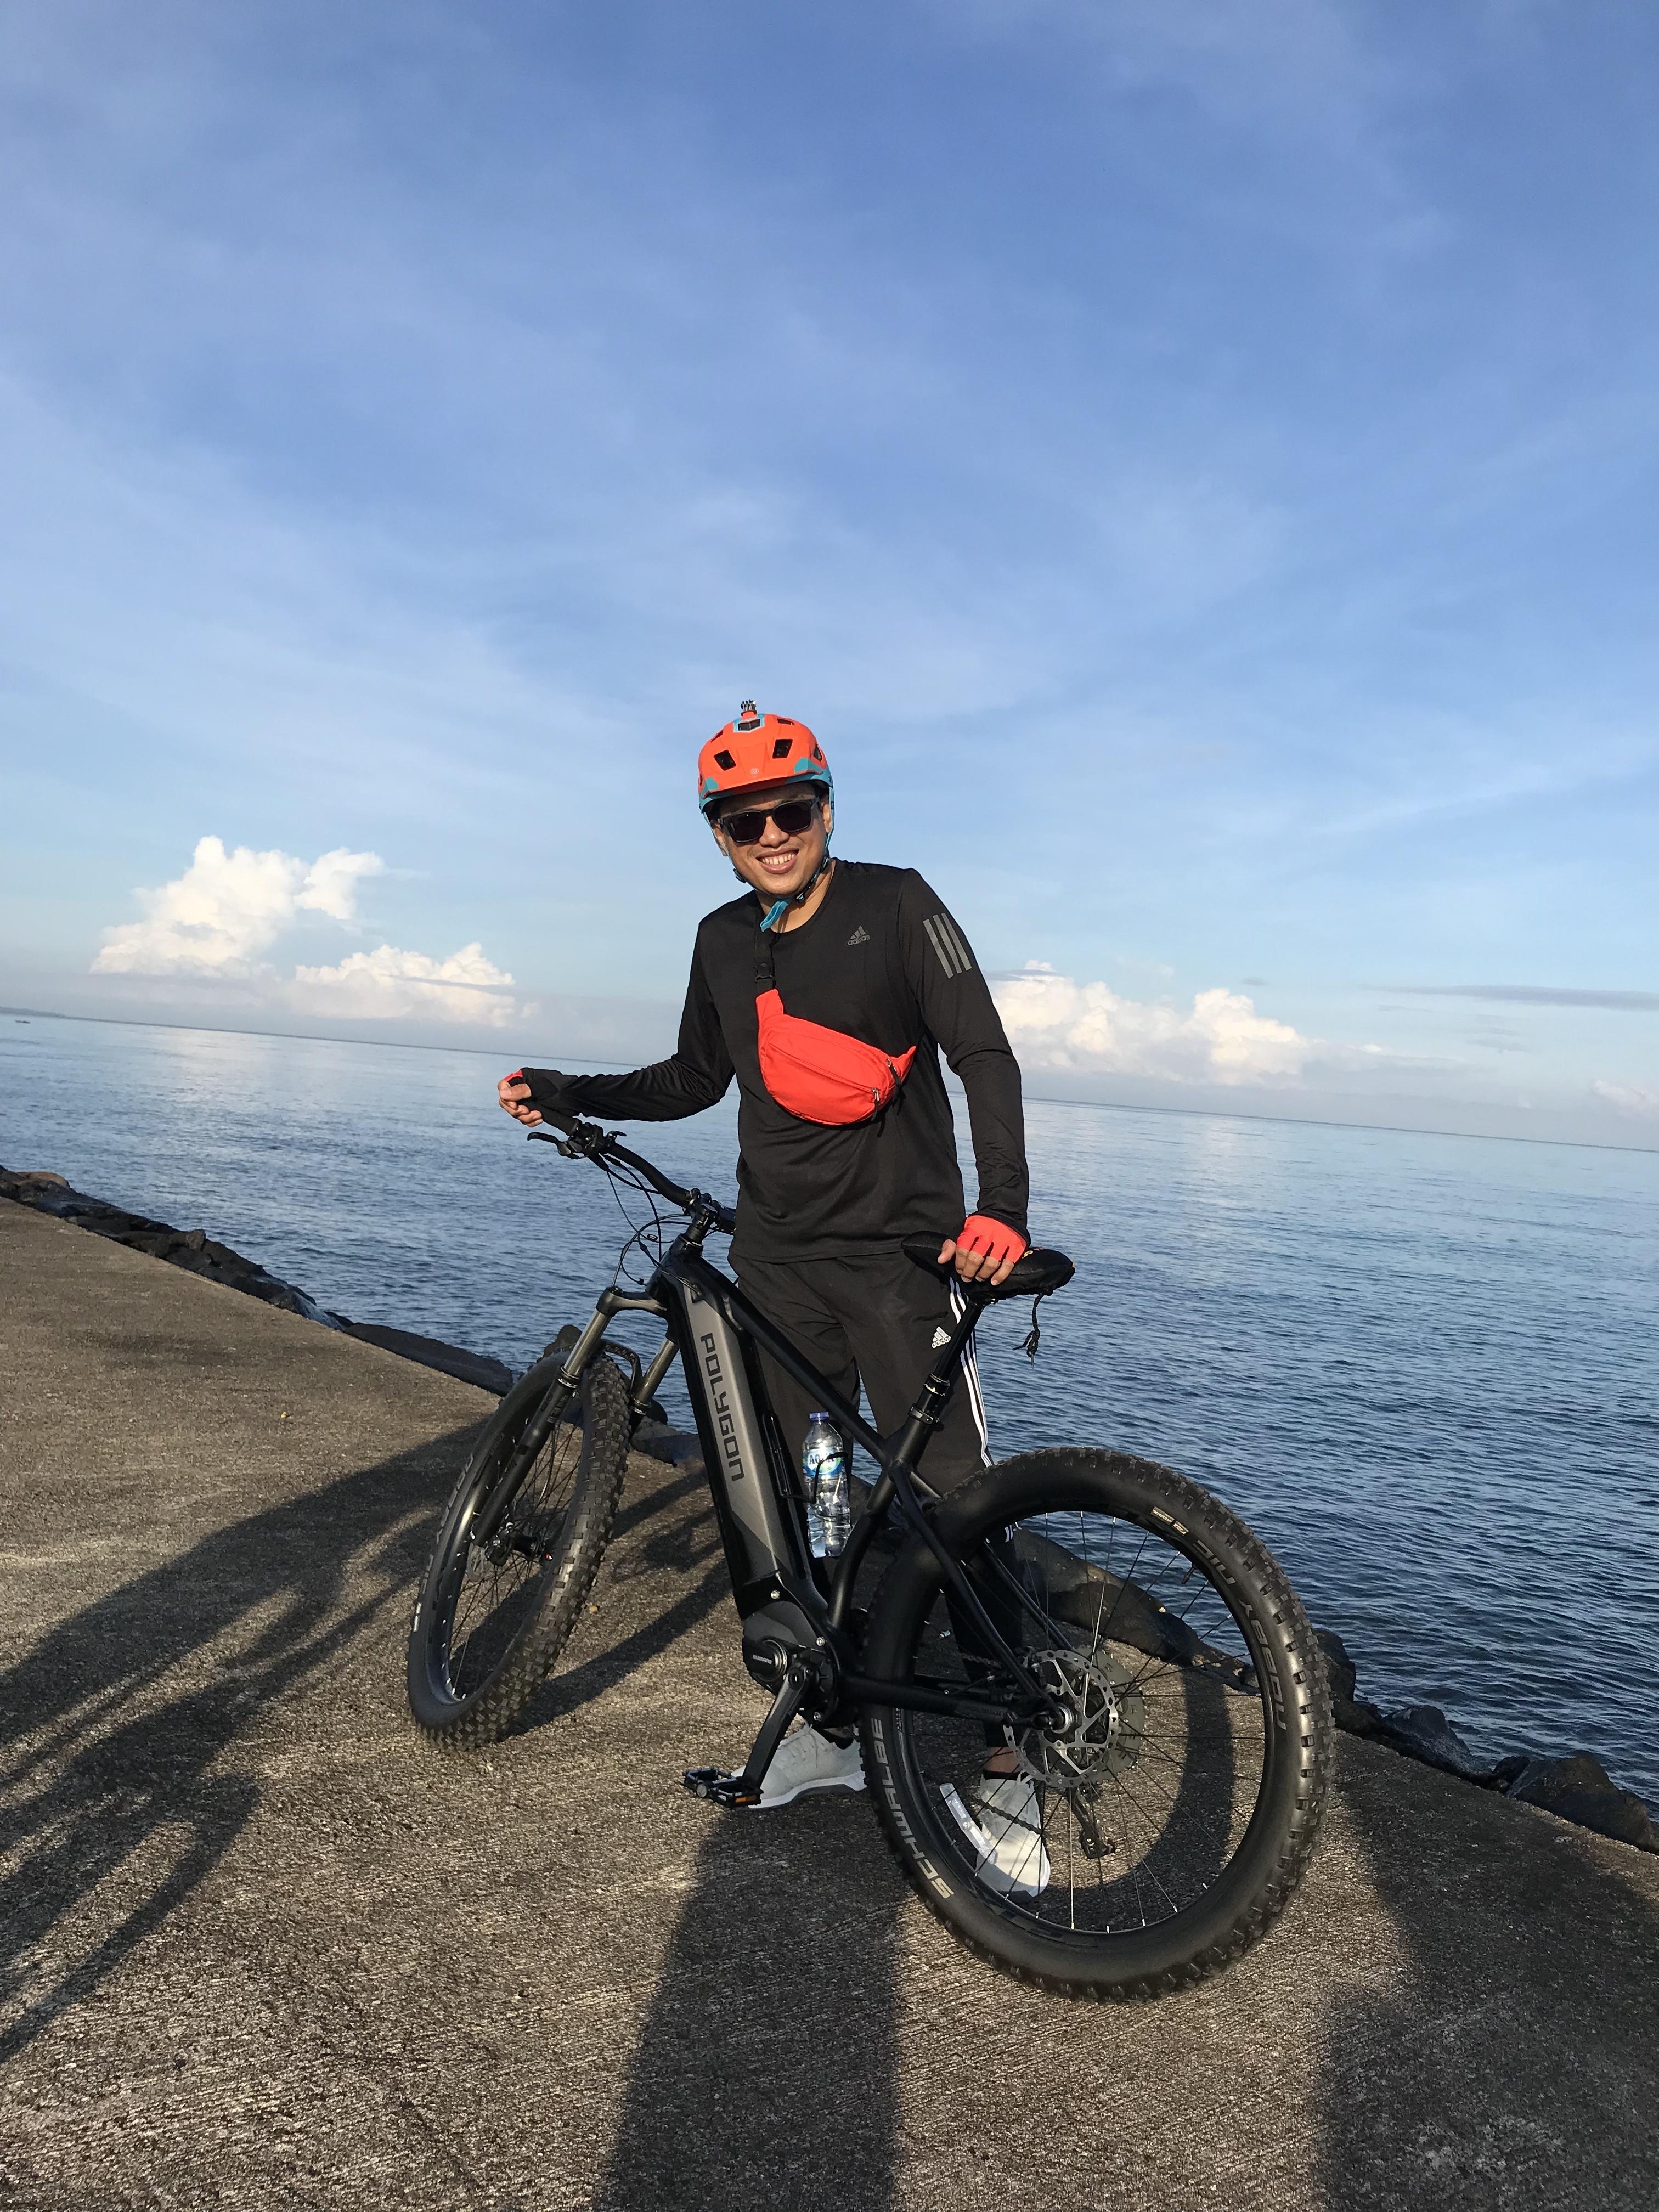 CEO BNI Berkomentar  Tentang Bersepeda & Adaptasi Inovatif Bank BNI di Masa Pandemi